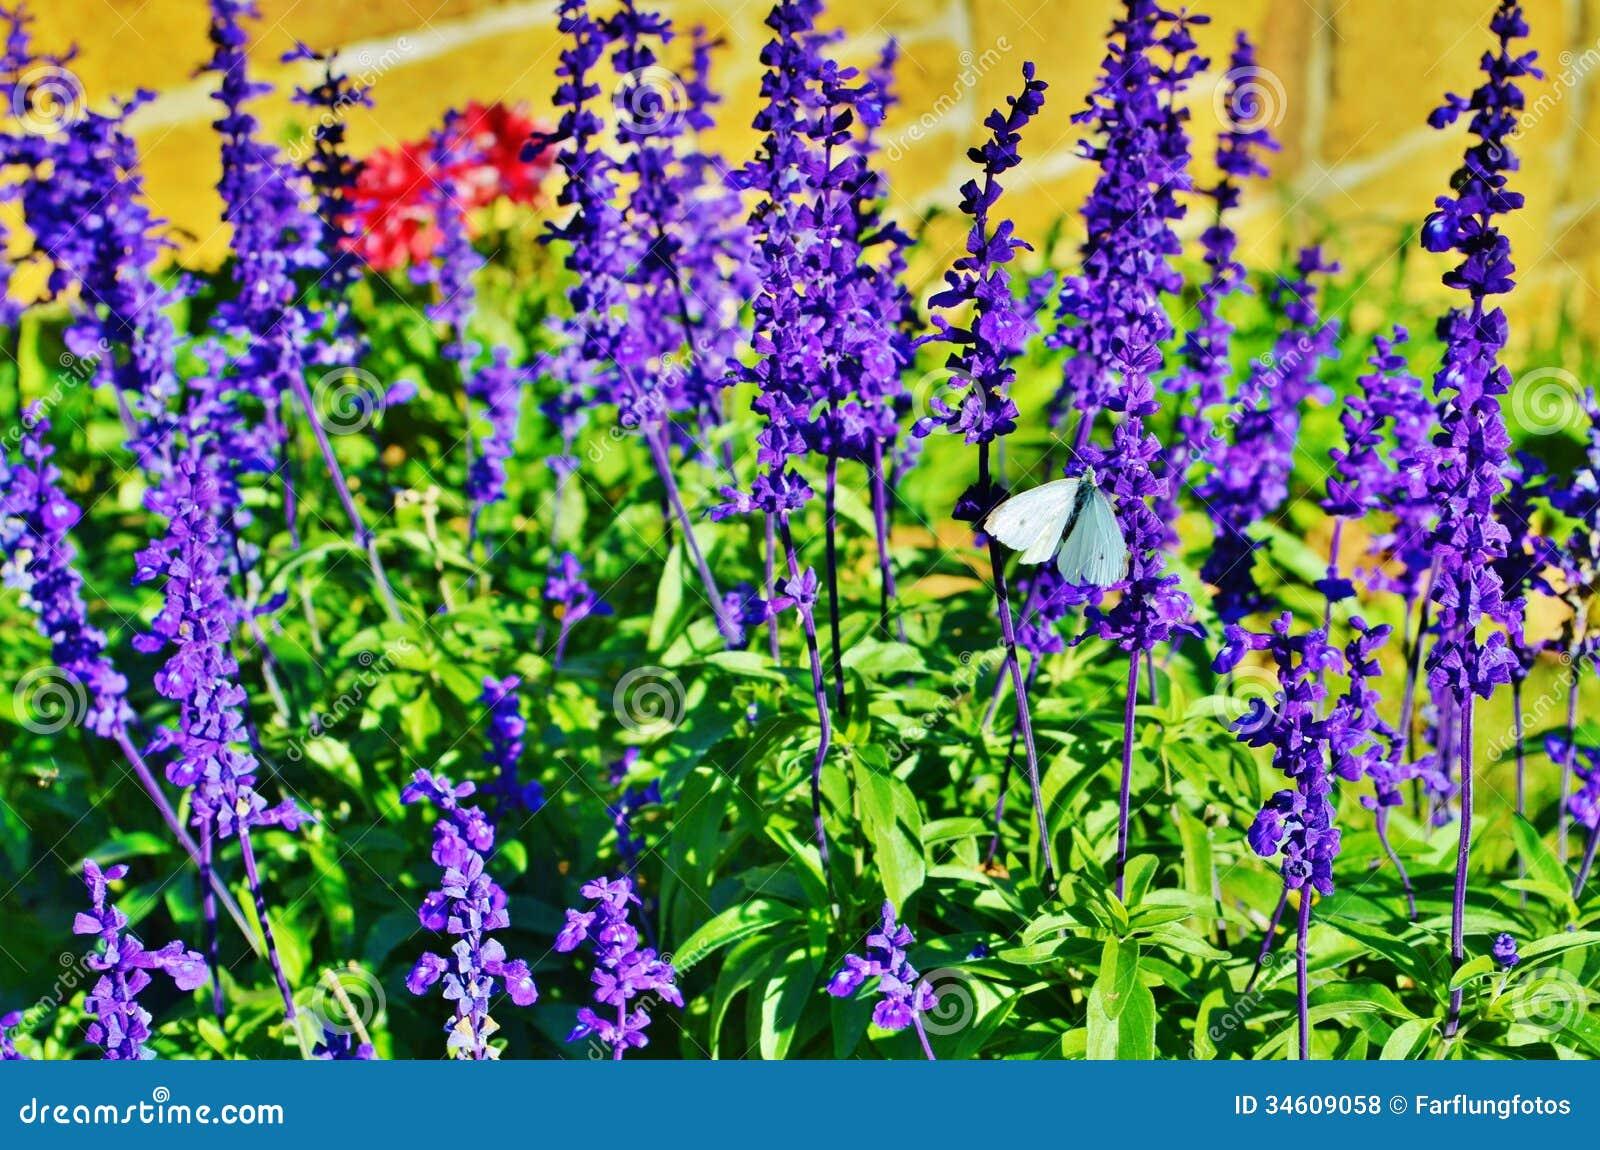 White butterfly on purple flowers stock photo image of pretty white butterfly on purple flowers mightylinksfo